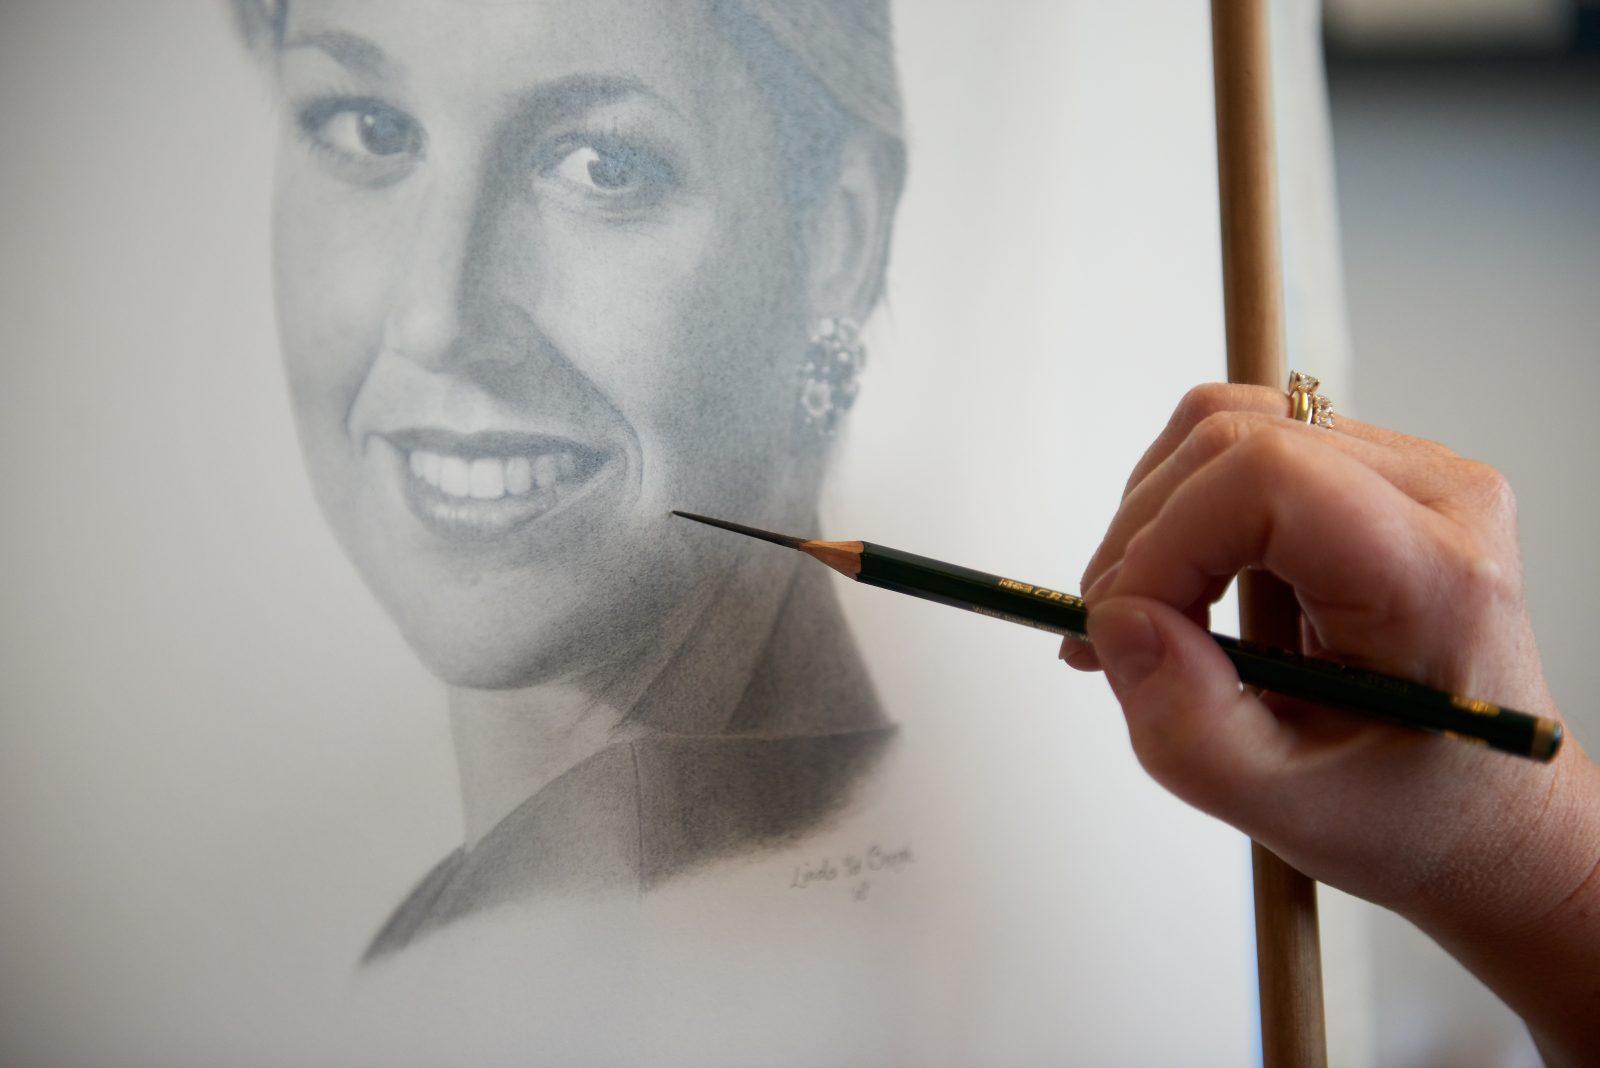 Leer portrettekenen bij artstudio linda